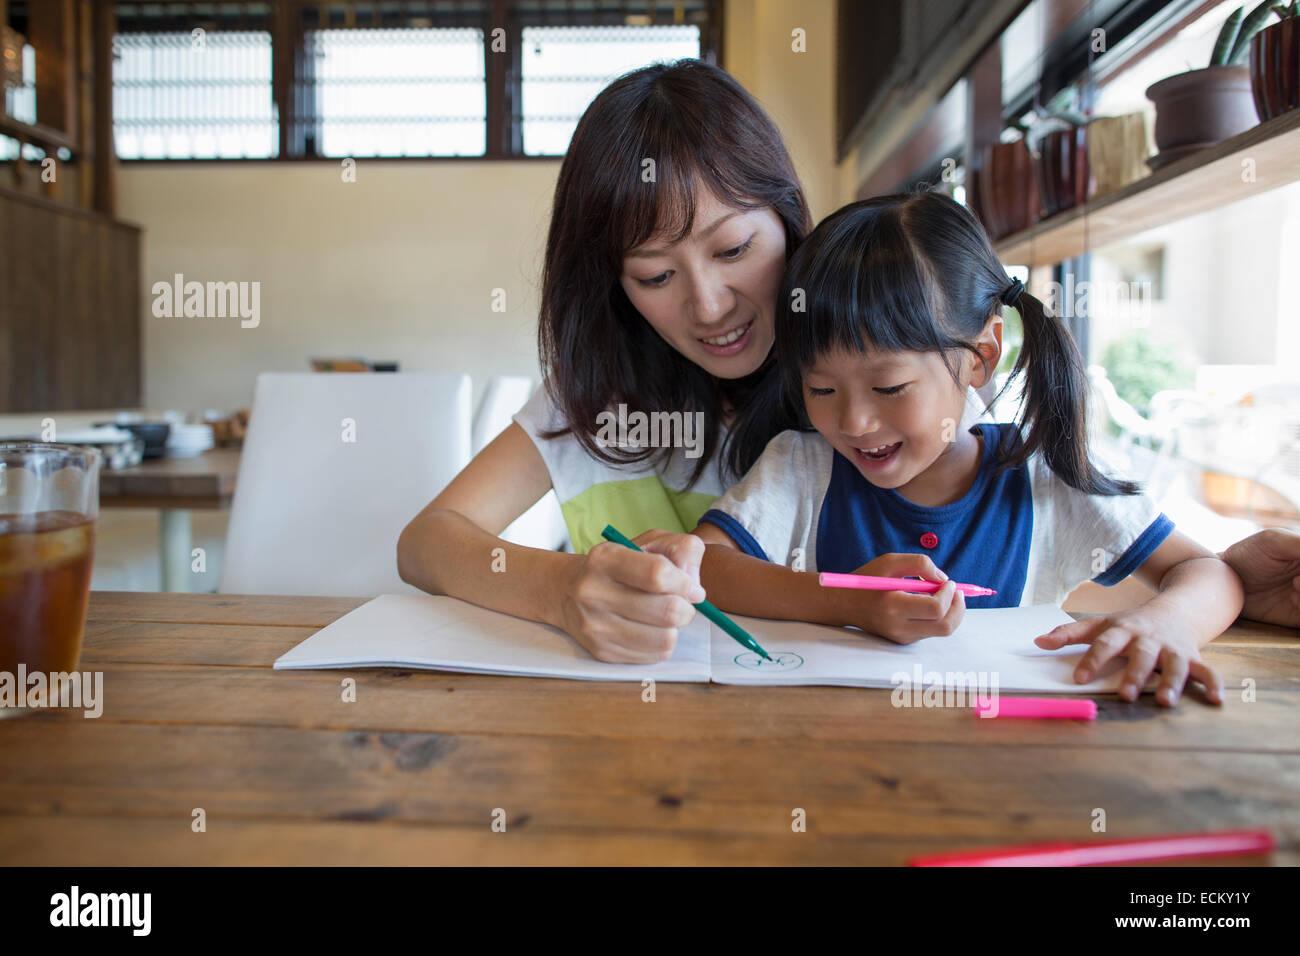 Madre e hija sentadas en una mesa, dibujando con rotuladores, sonriendo. Imagen De Stock